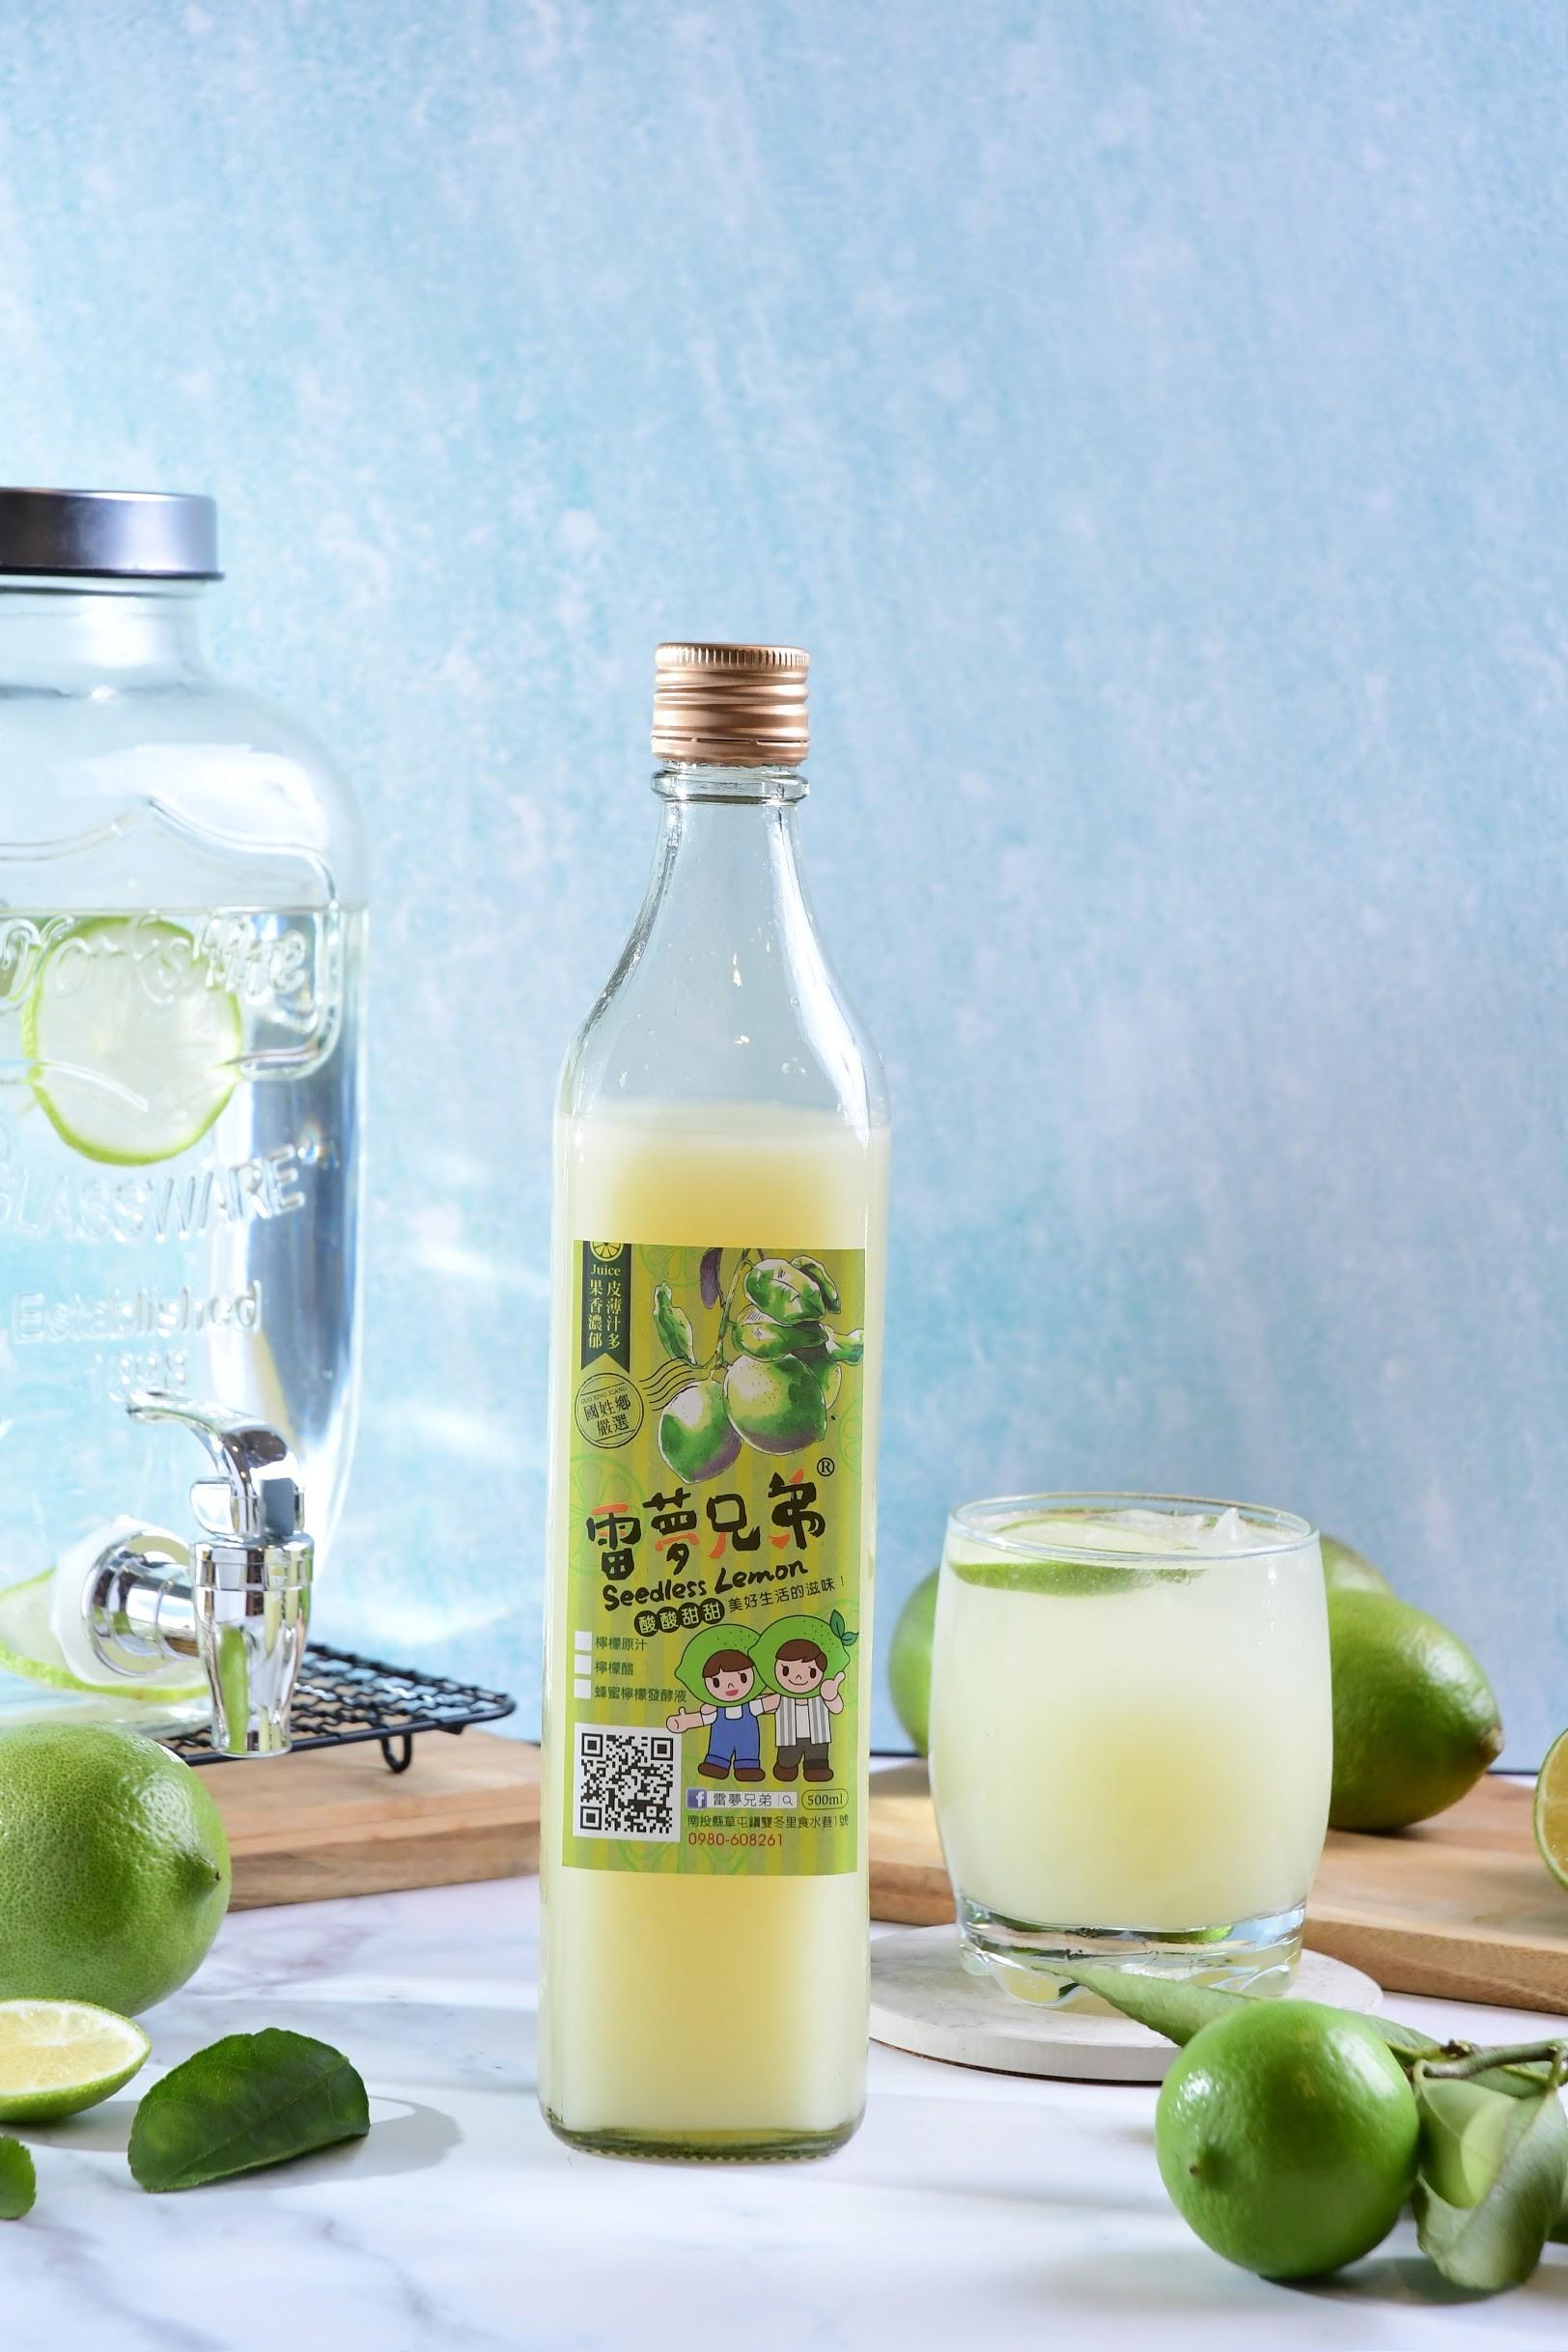 感恩回饋結帳輸入折扣碼「IU205AQRTSRP」,在打【75】折-【免運費】回饋無毒檸檬原汁 | 鮮檸檬汁 | 檸檬汁 | 檸檬水 | TLS全新生活 (25瓶裝)500cc&